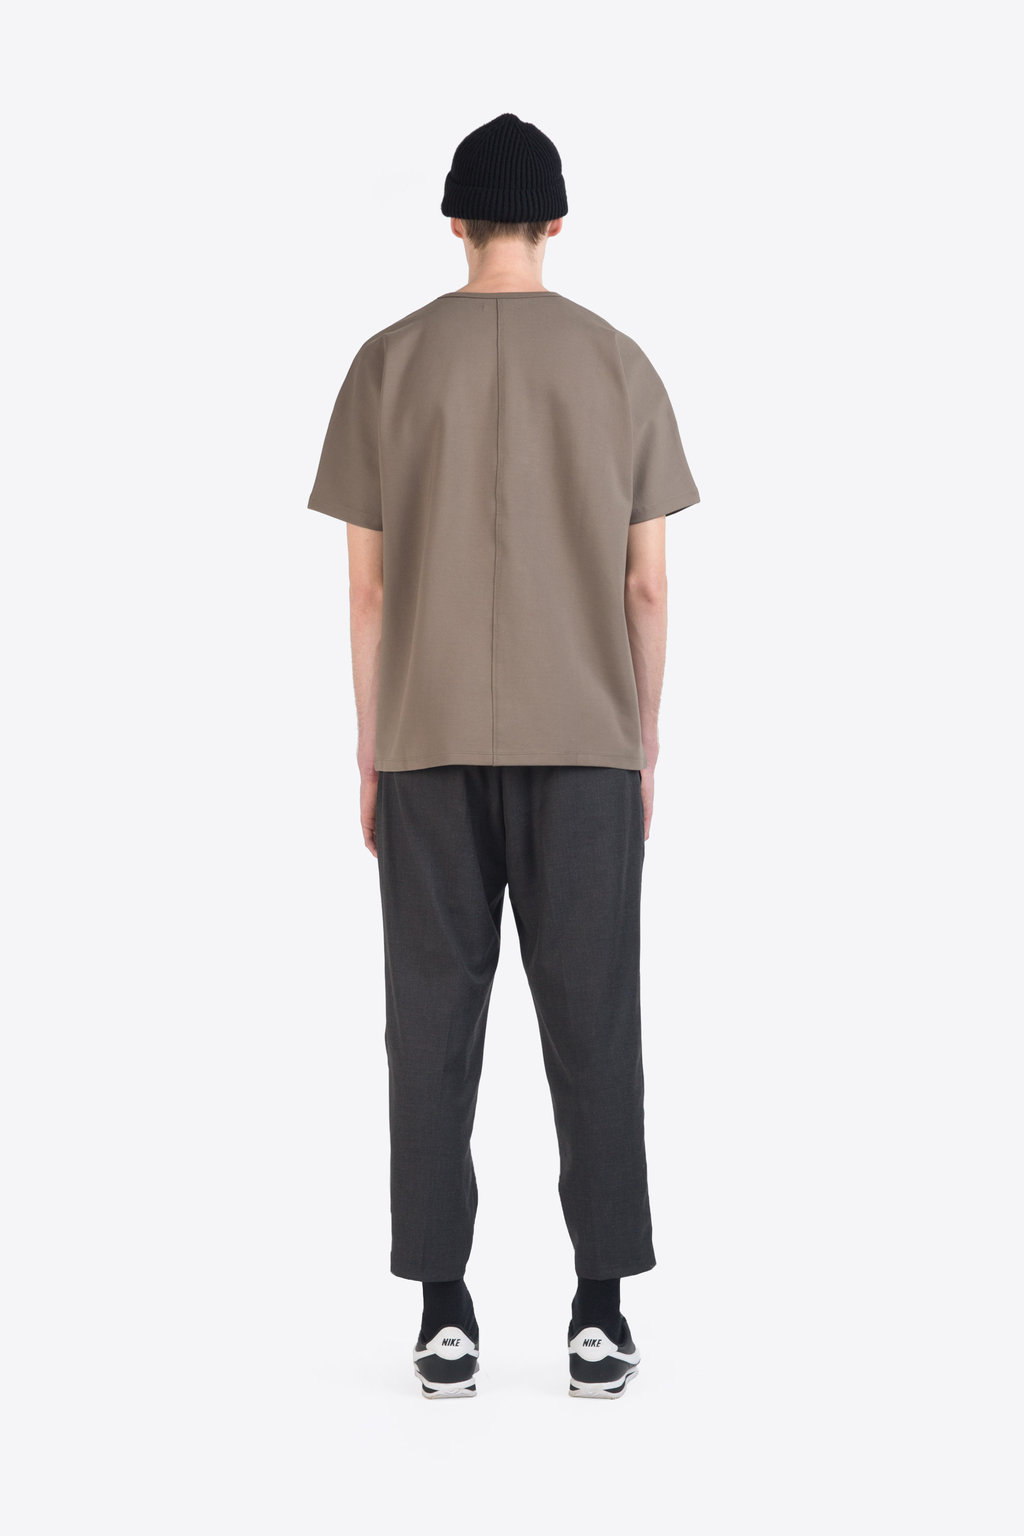 T Shirt 1204 Olive 2